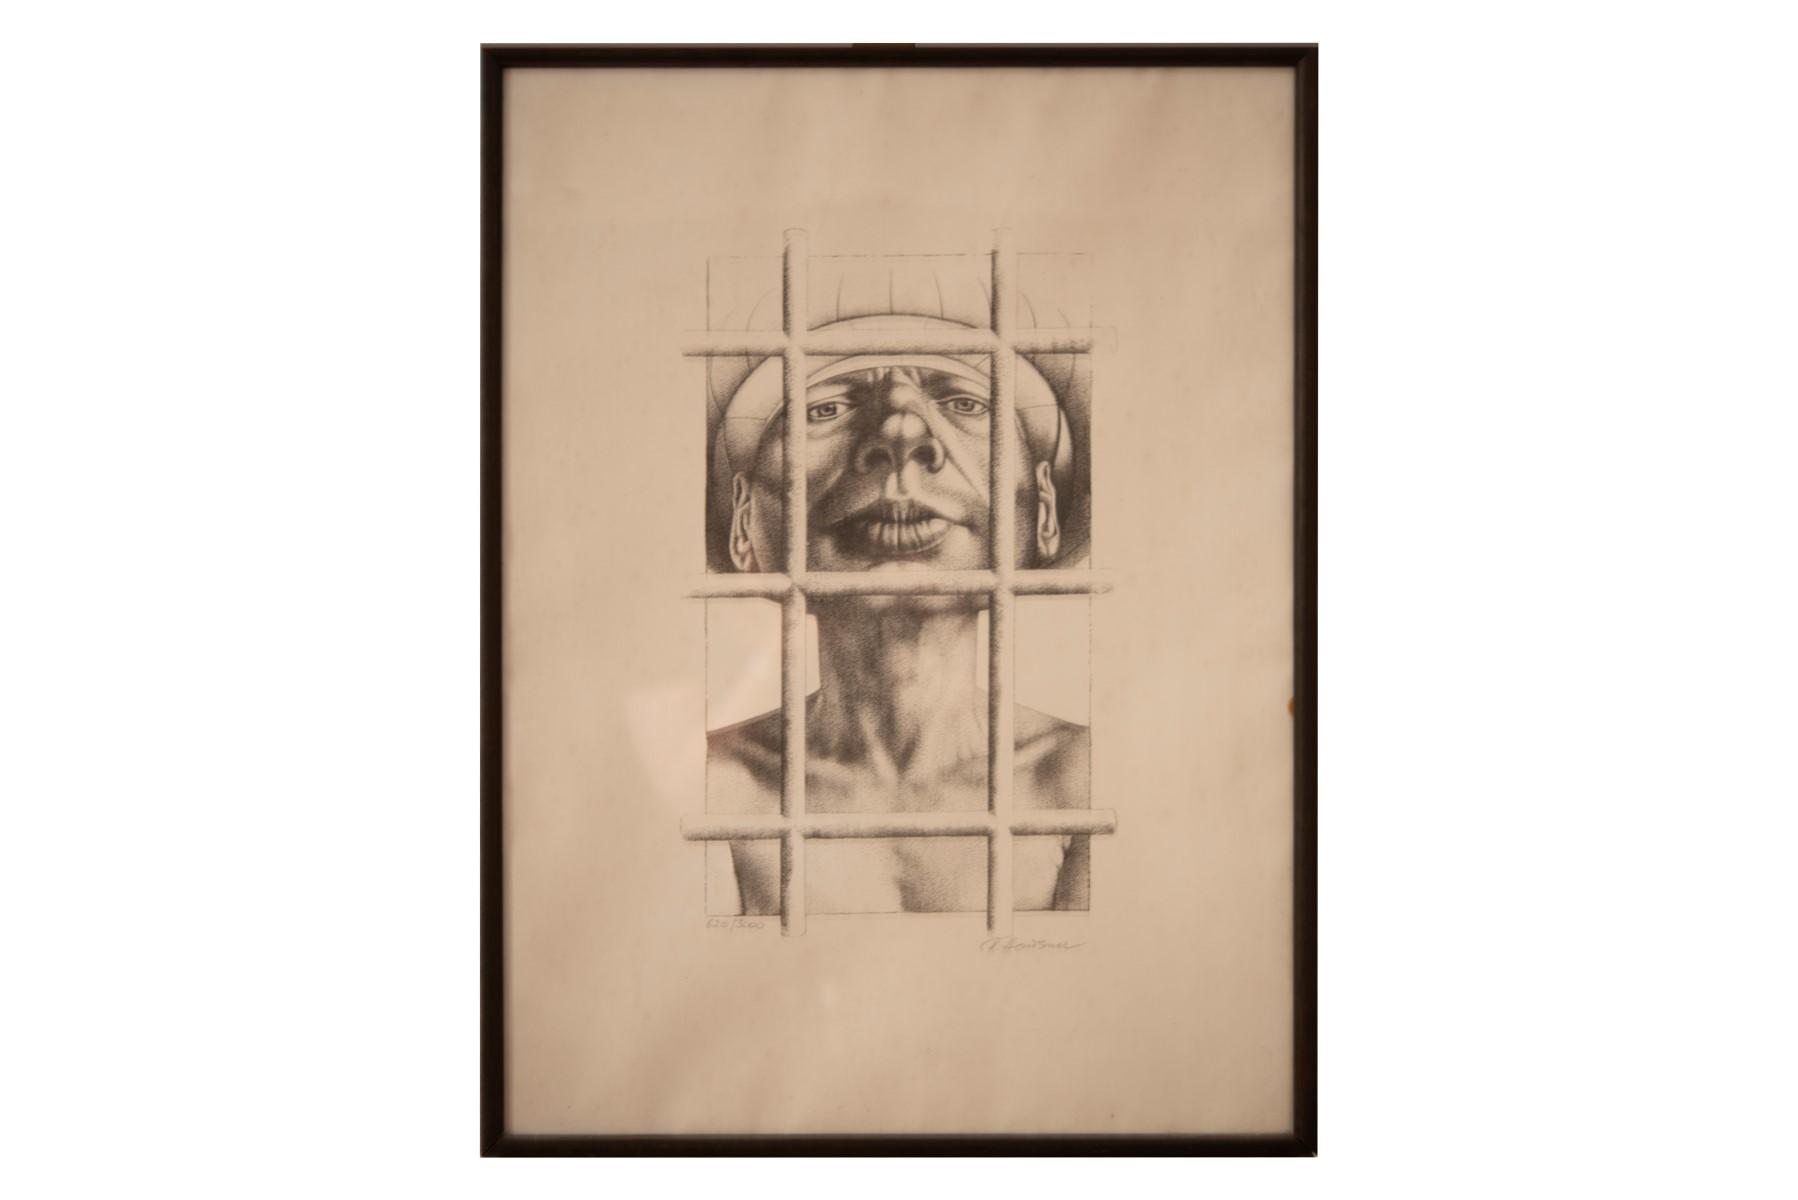 #98 Rudolf Hausner* (1914-1995), Adam   Rudolf Hausner* (1914-1995), Adam Image